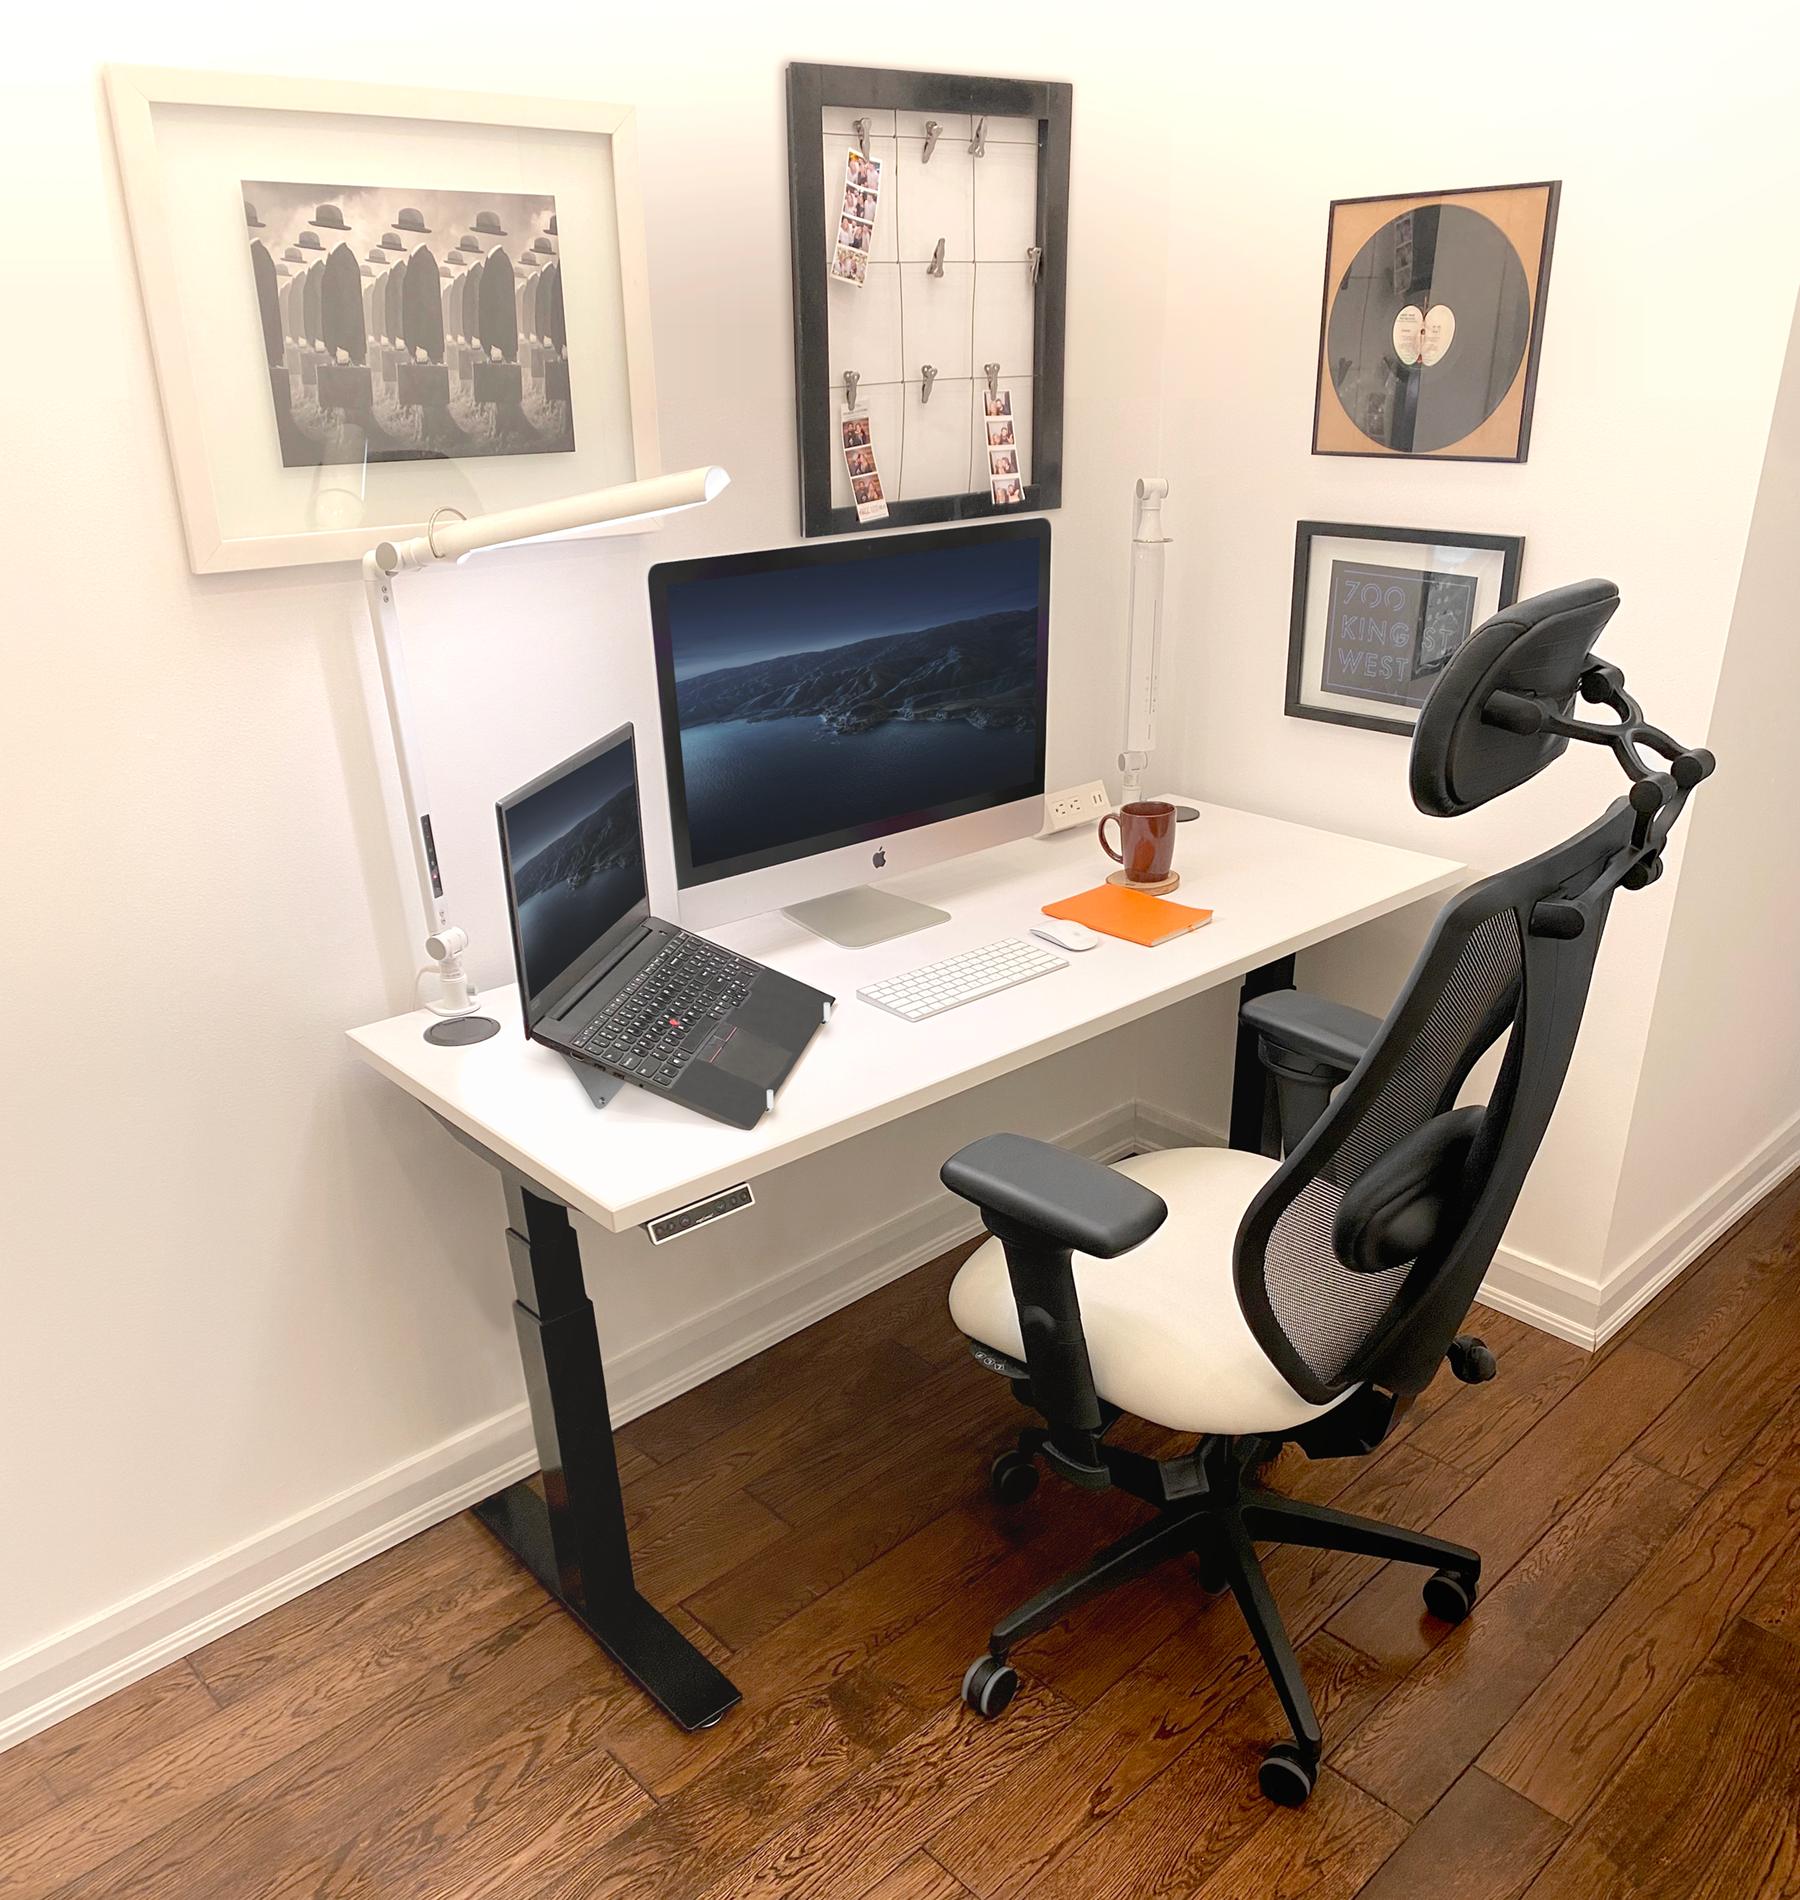 a Shared Home Office Setup